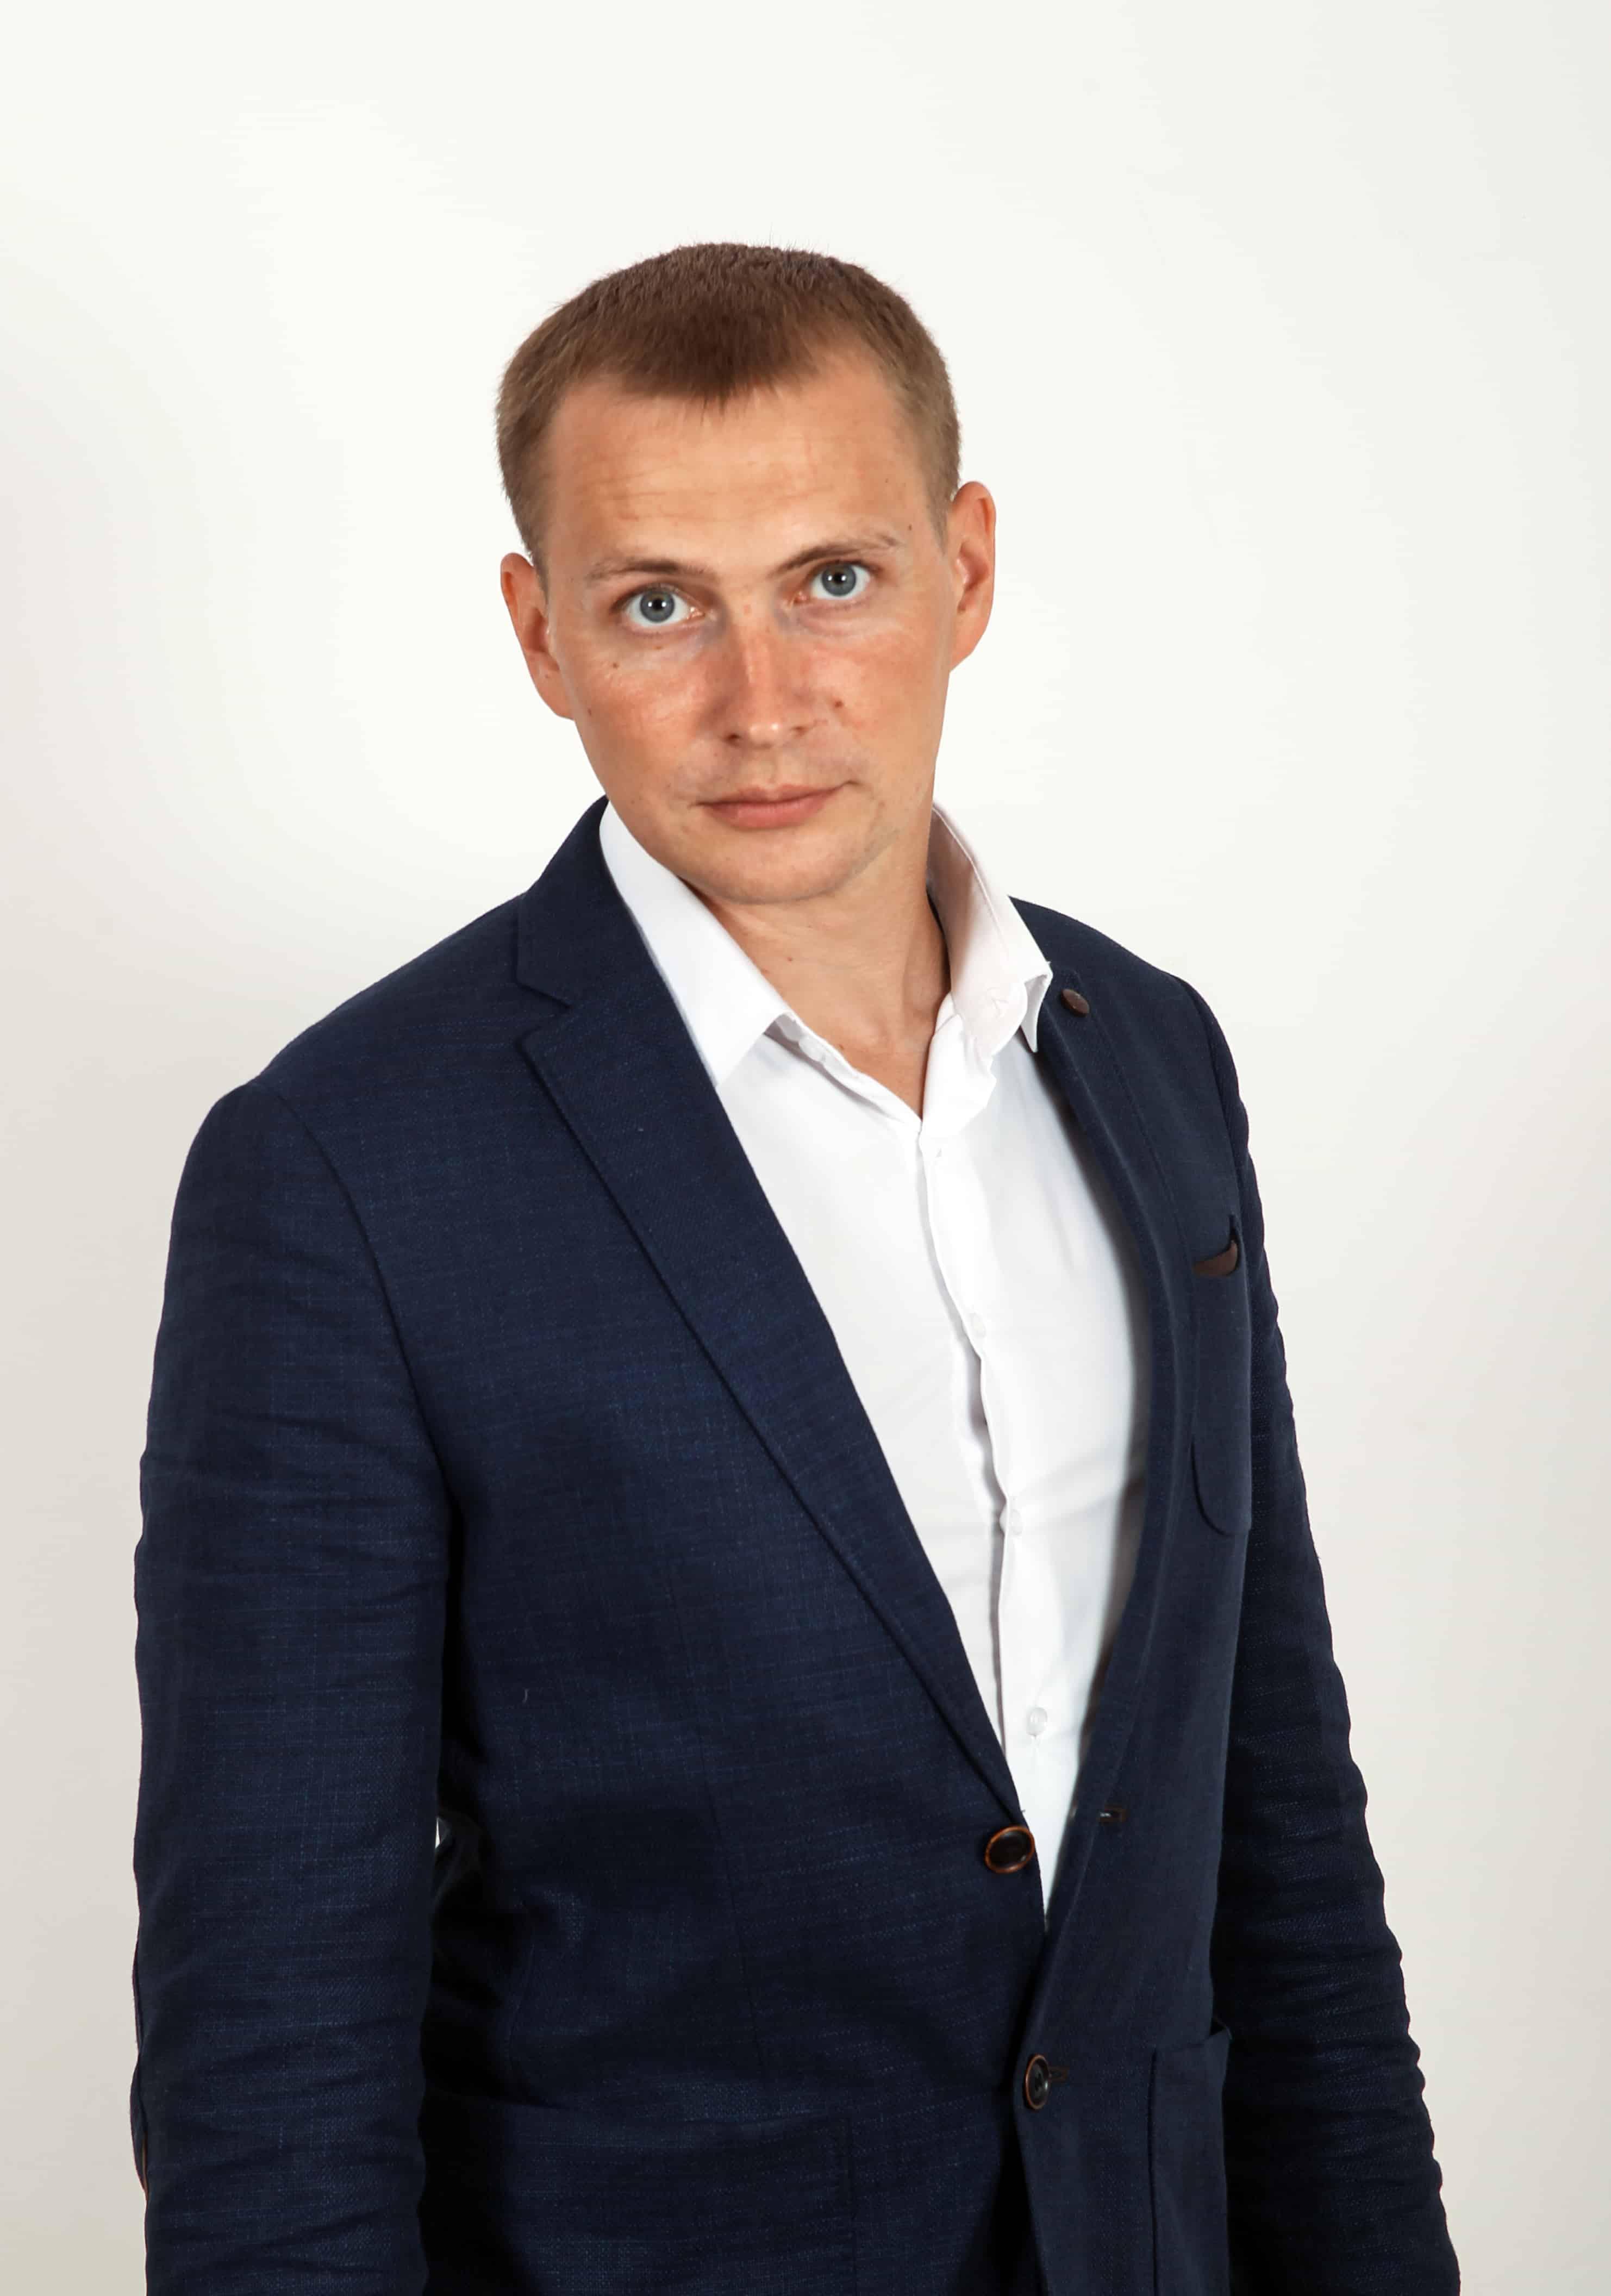 Сергей Копцов, Руководитель программы реабилитации